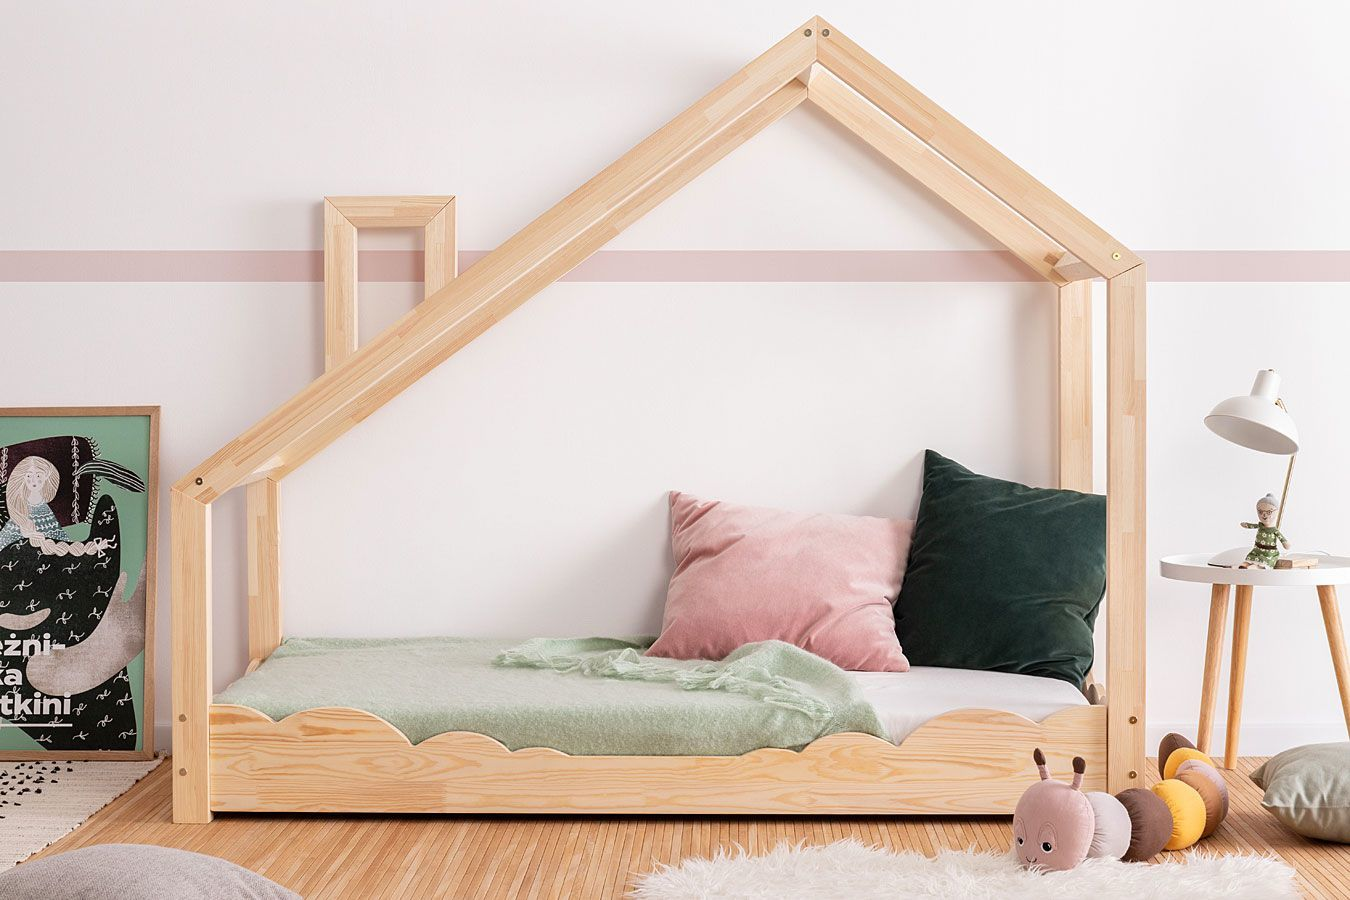 Drewniane łóżko dziecięce domek Lumo 5X - 28 rozmiarów